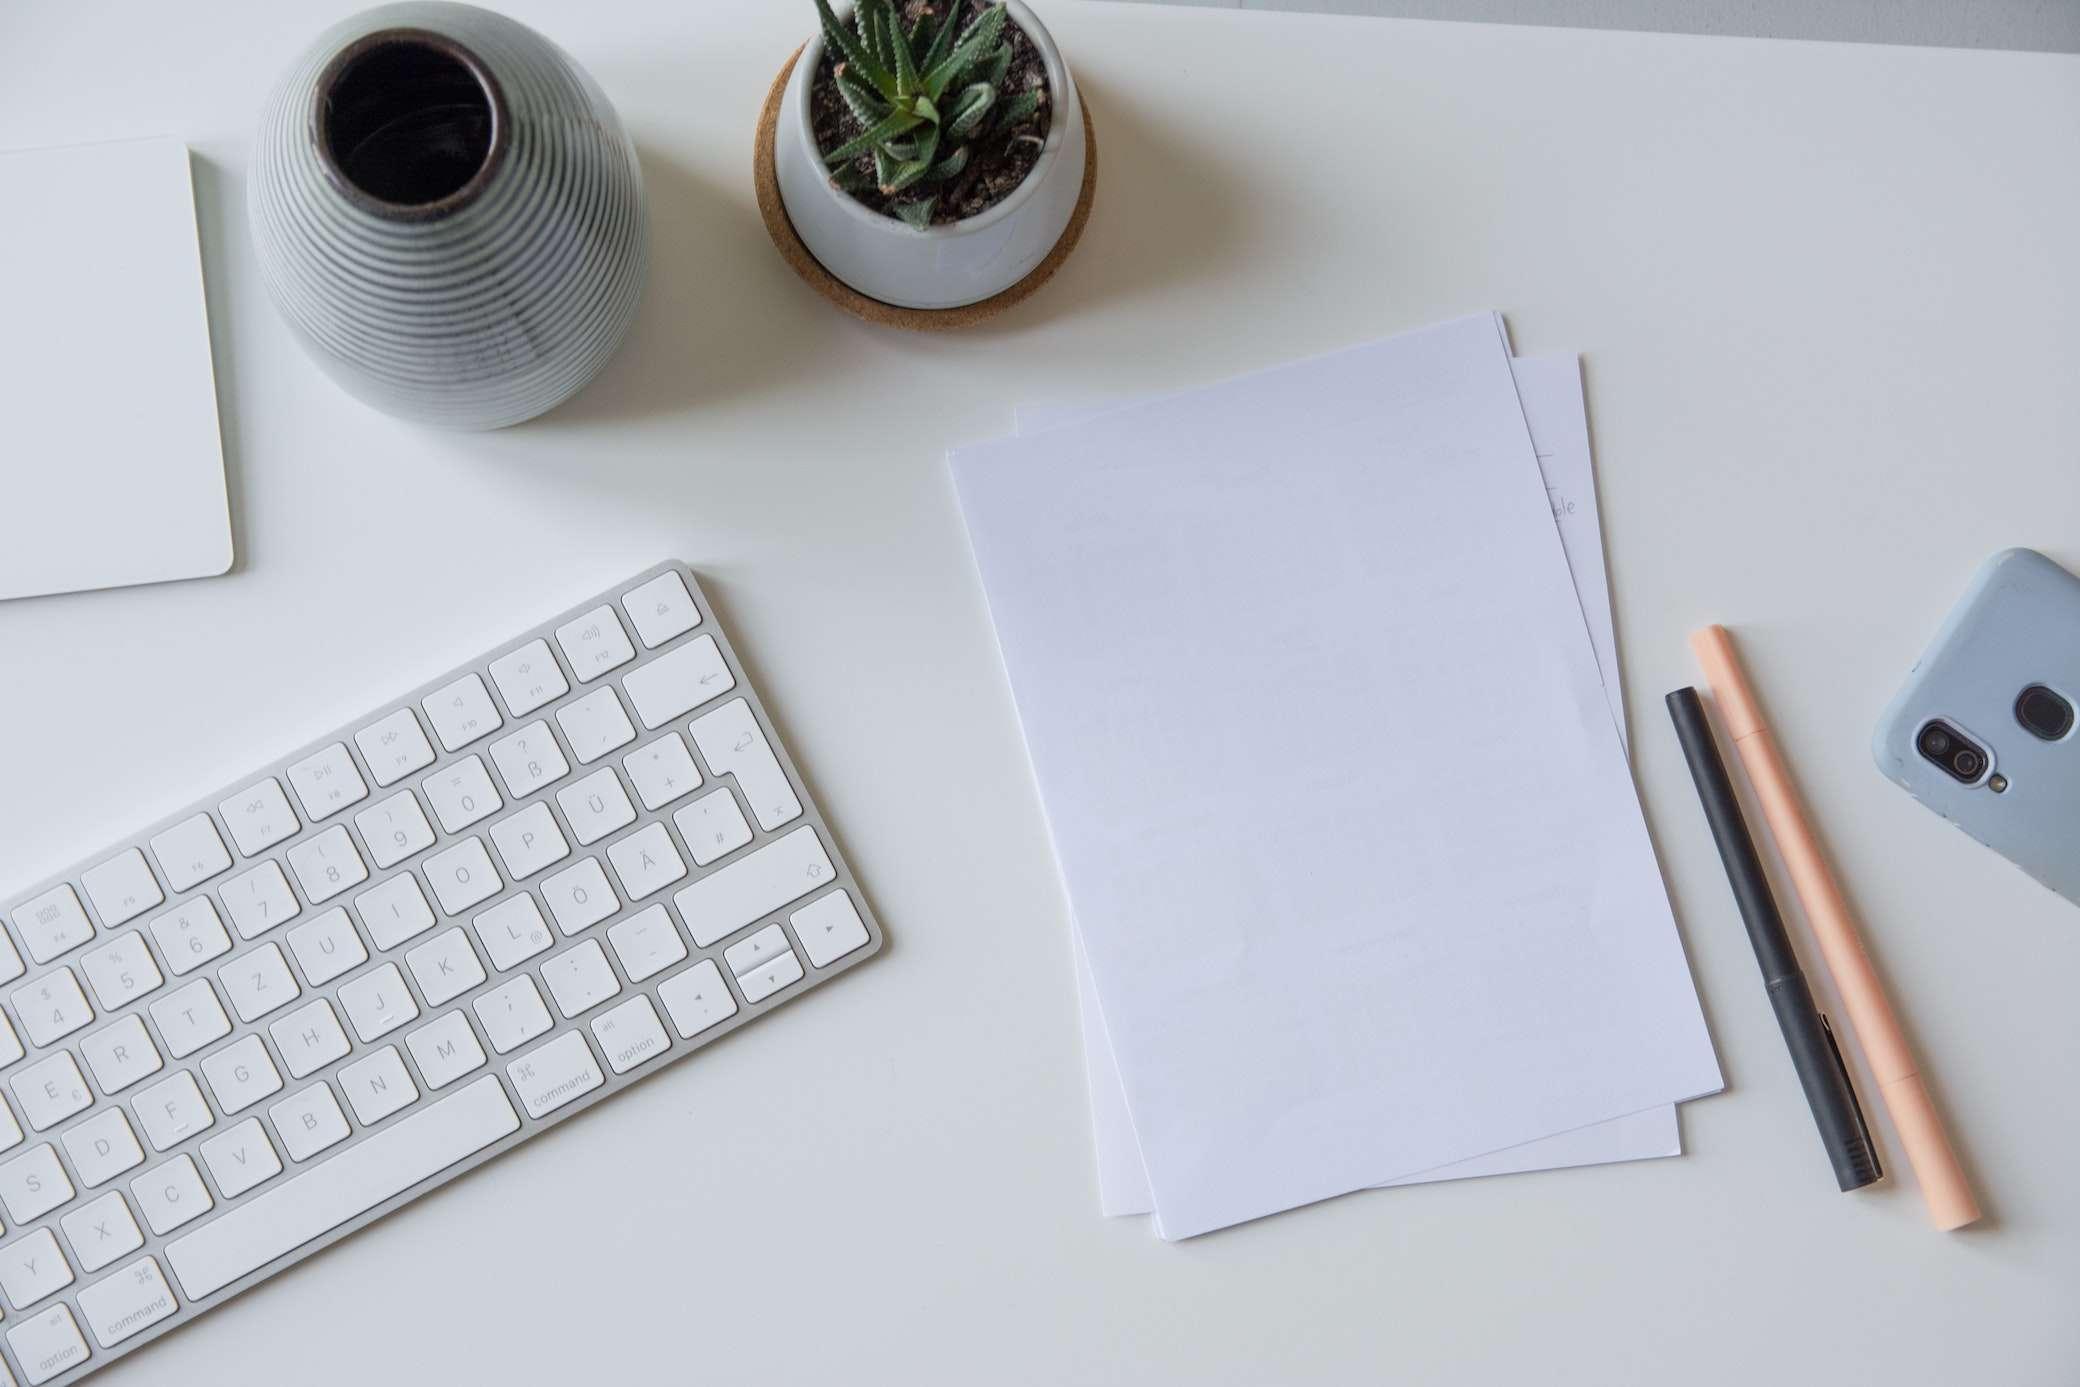 Schreibtisch mit Papier und Tastatur